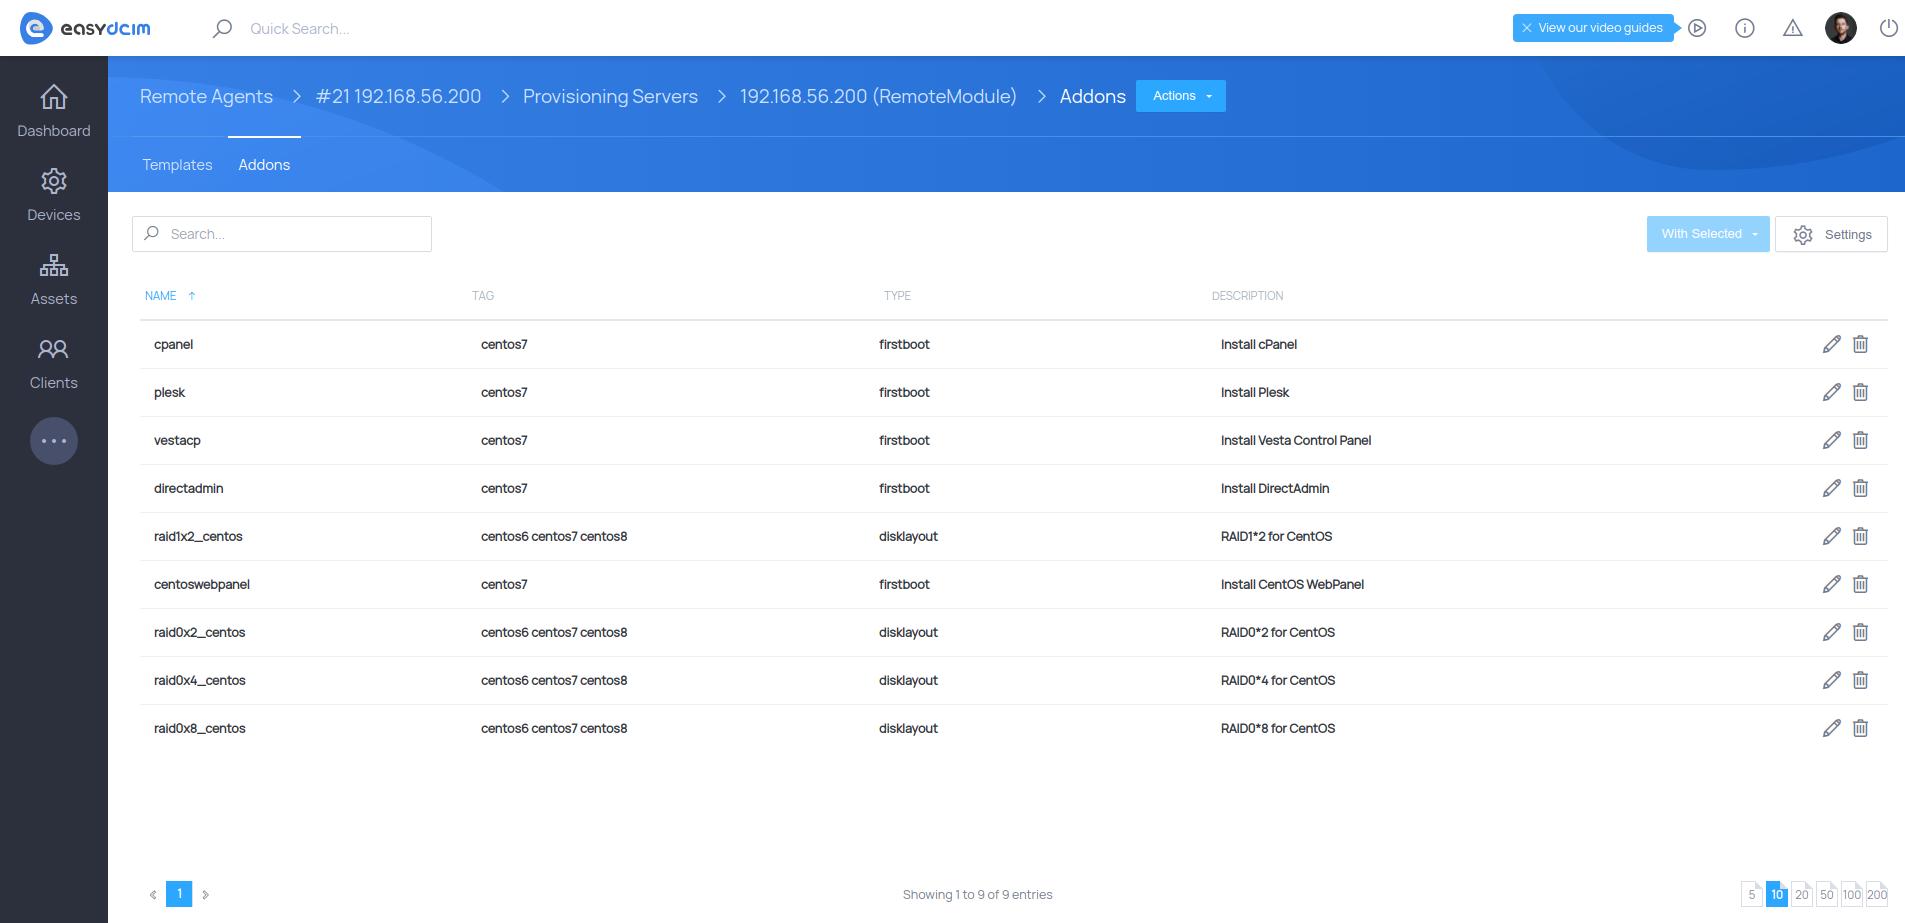 OS Addons - Management - EasyDCIM v1.6.5